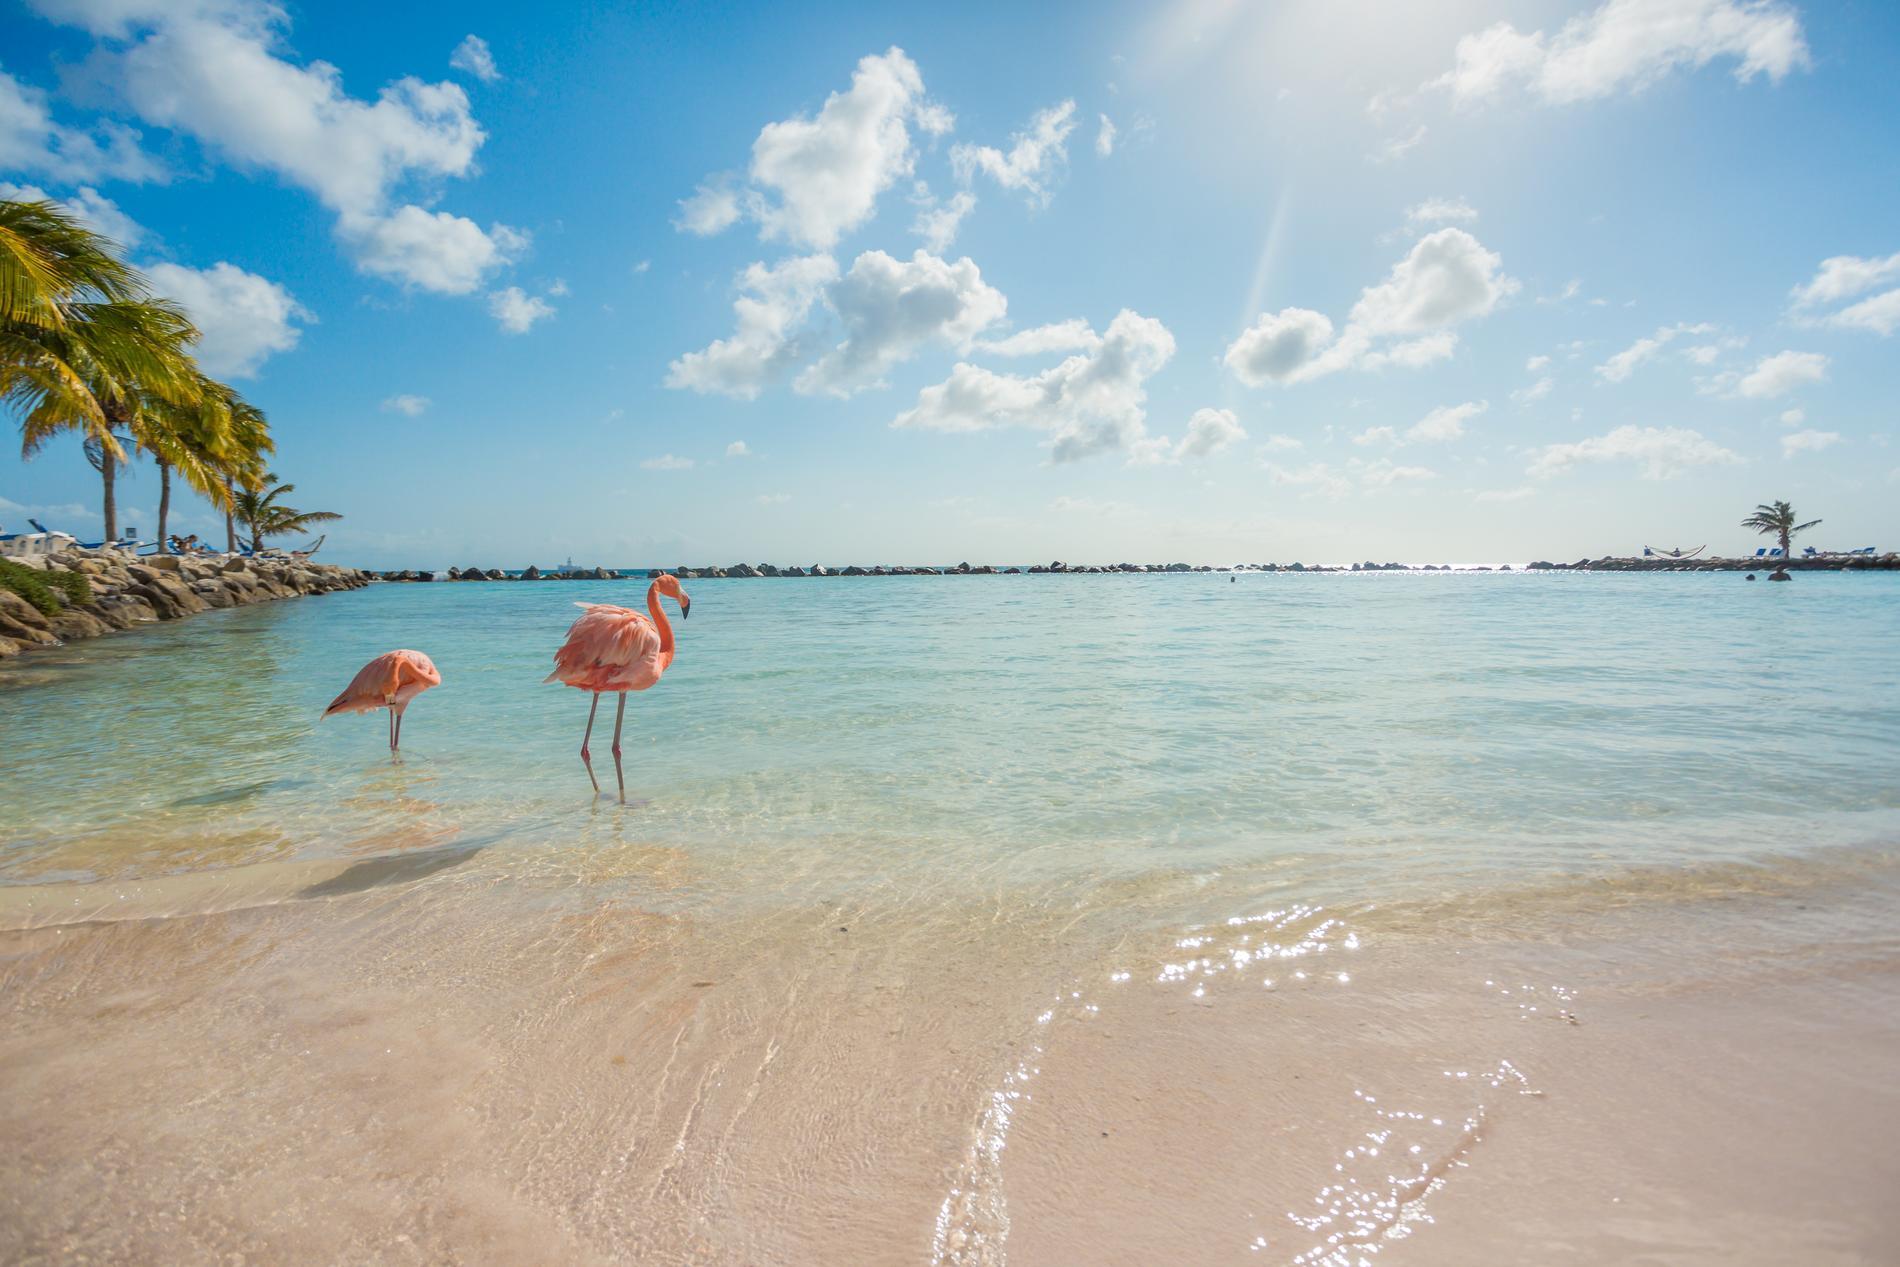 I Aruba finns det förutom sol och värme även en strand full av flamingos.